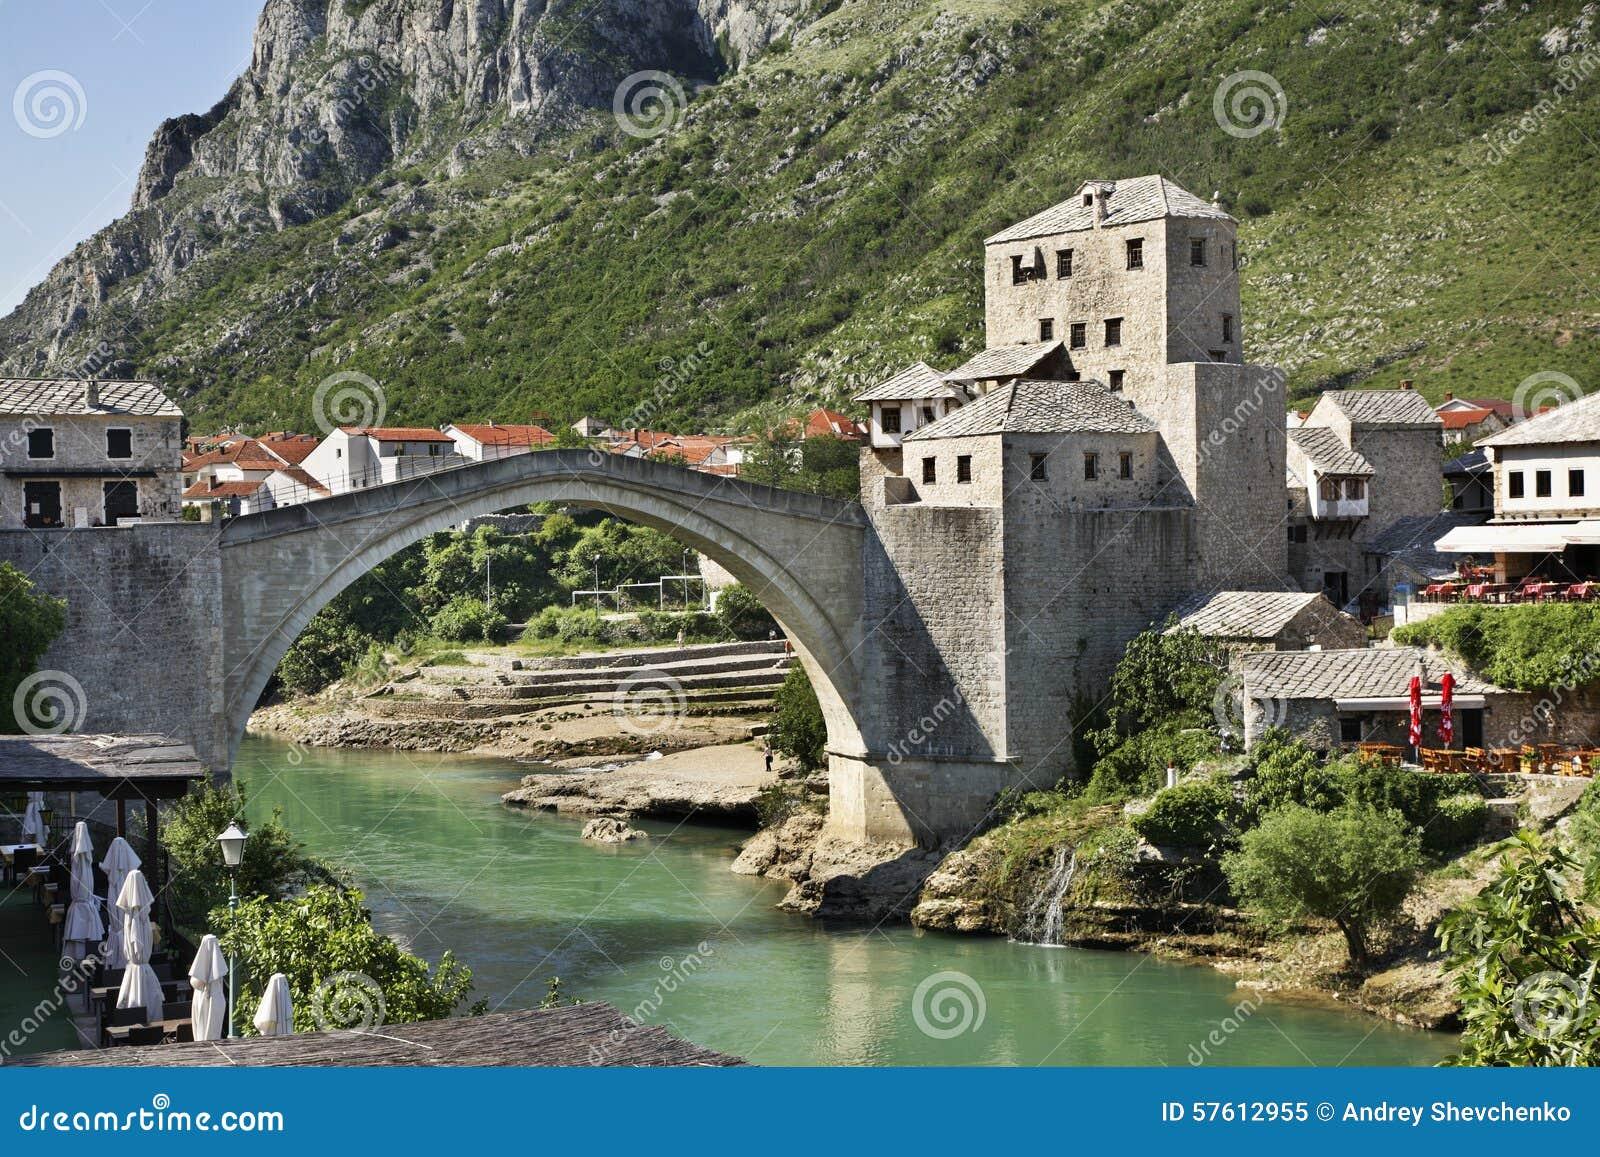 桥梁老莫斯塔尔 达成协议波斯尼亚夹子色的greyed黑塞哥维那包括专业的区区映射路径替补被遮蔽的状态周围的领土对都市植被